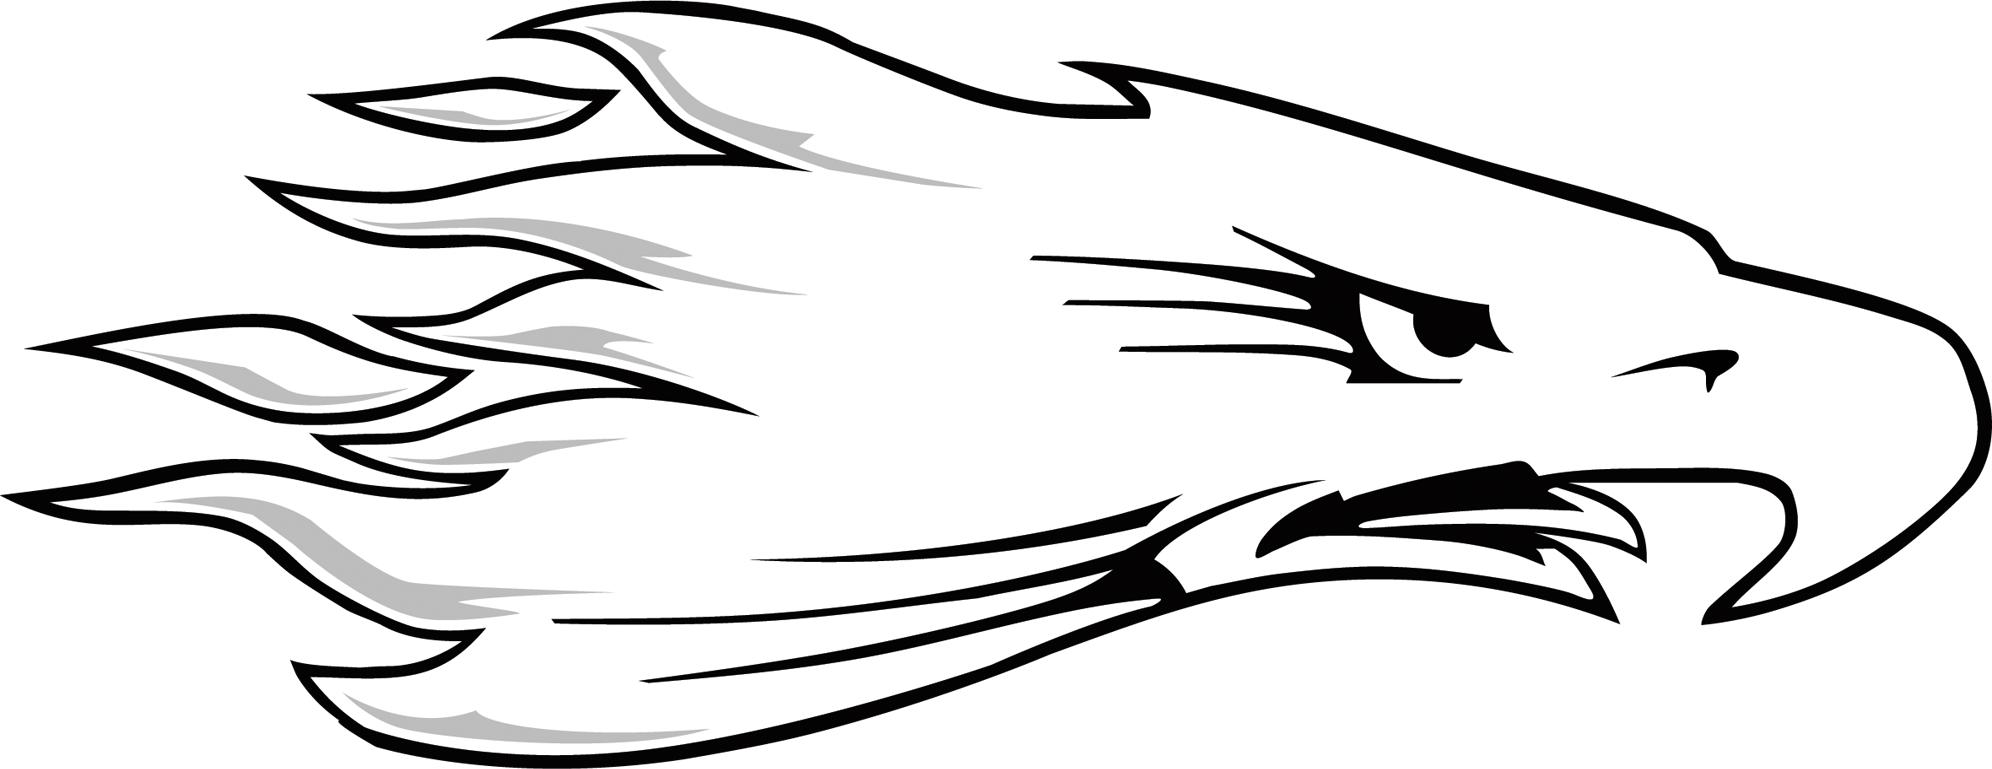 Harley Davidson Screaming Eagle Logo Logos Rates